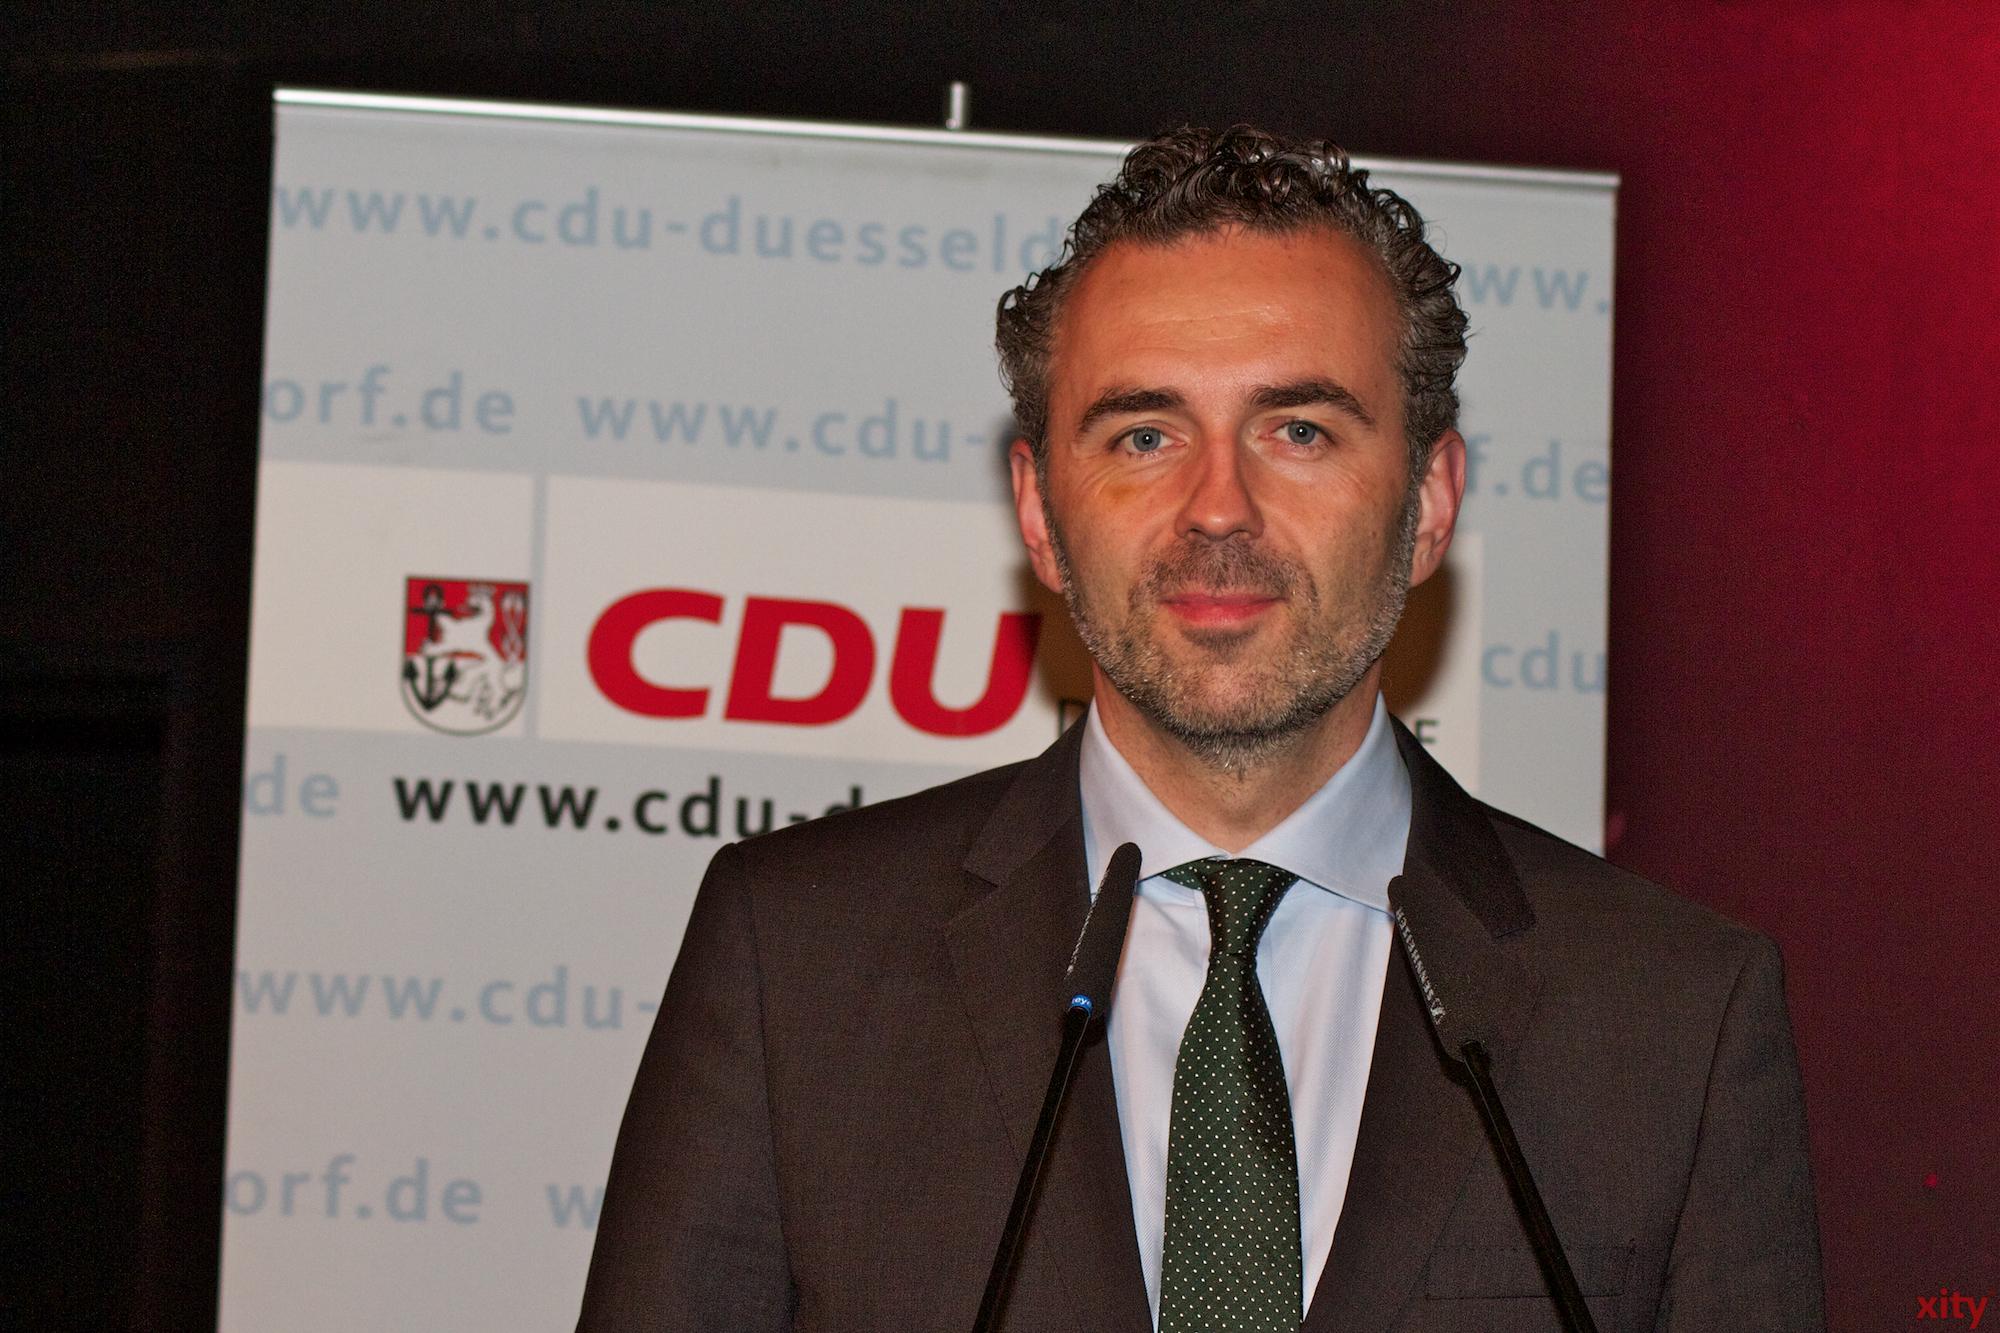 Thomas Jarzombek, Vorsitzender der CDU Düsseldorf (Foto: xity)